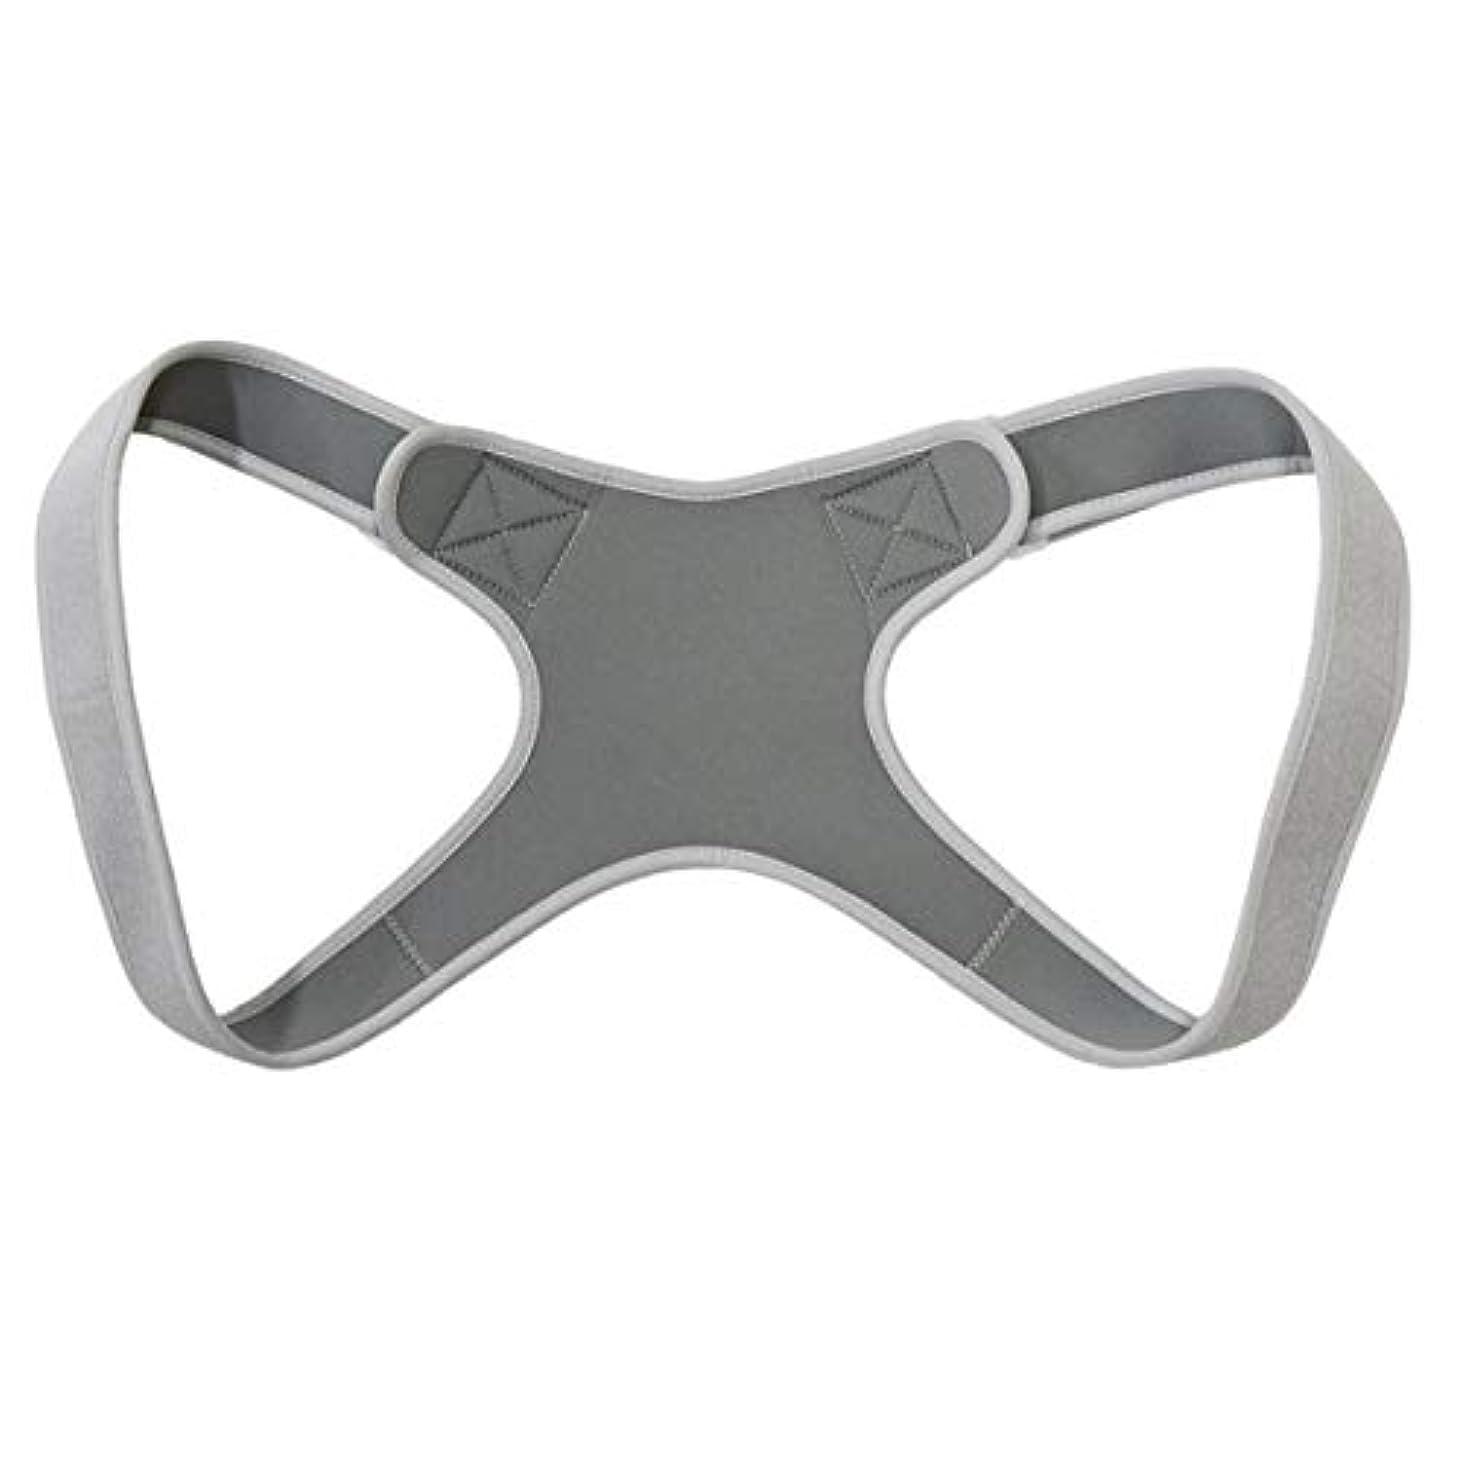 請求便益適切な新しいアッパーバックポスチャーコレクター姿勢鎖骨サポートコレクターバックストレートショルダーブレースストラップコレクター - グレー